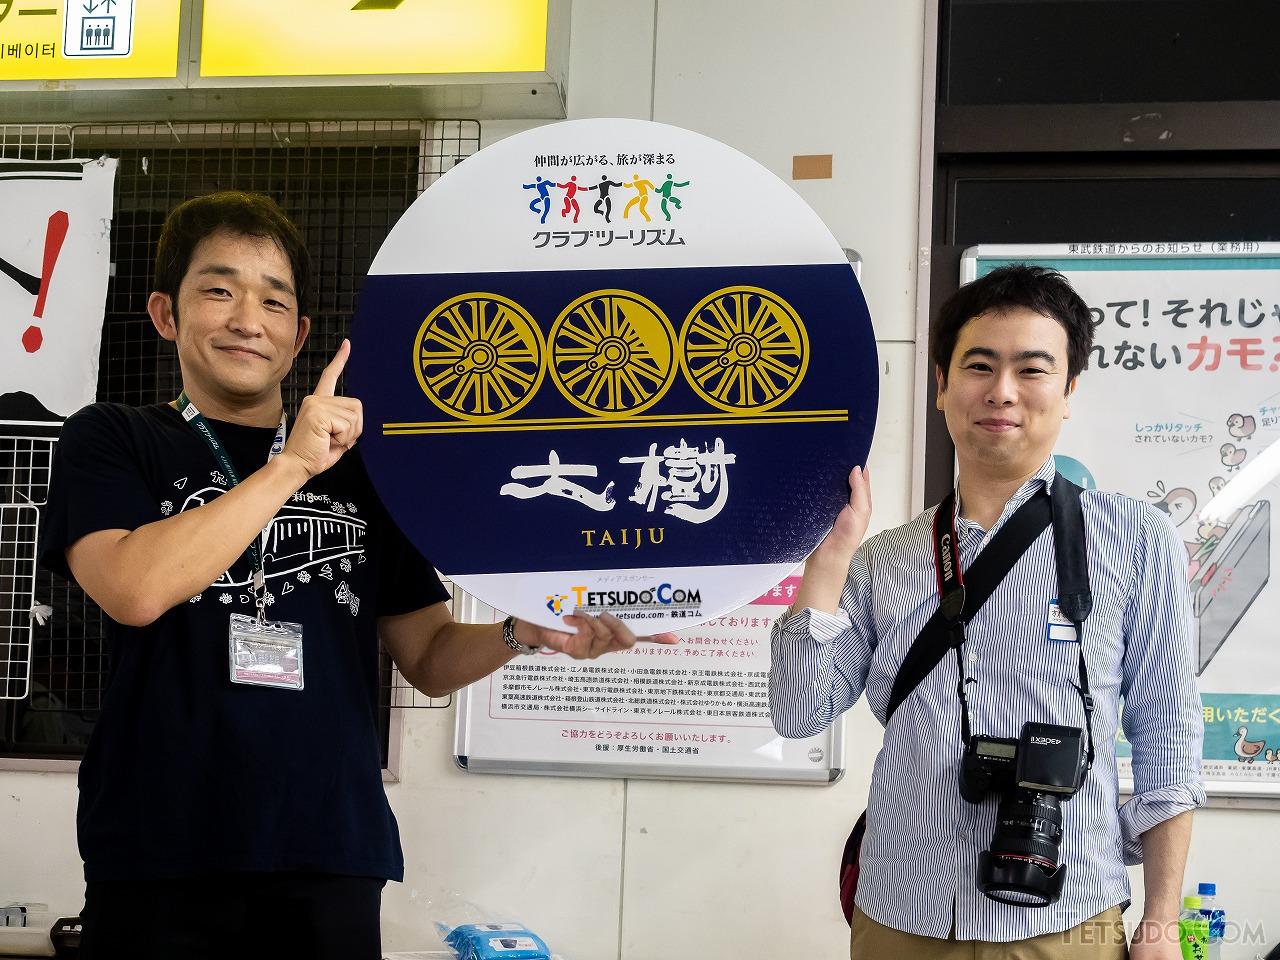 鉄道コム20周年を記念して制作されたオリジナル「大樹」ヘッドマークを持つクラブツーリズムの大塚雅士氏(左)。右は本媒体編集長の松岡孝昌